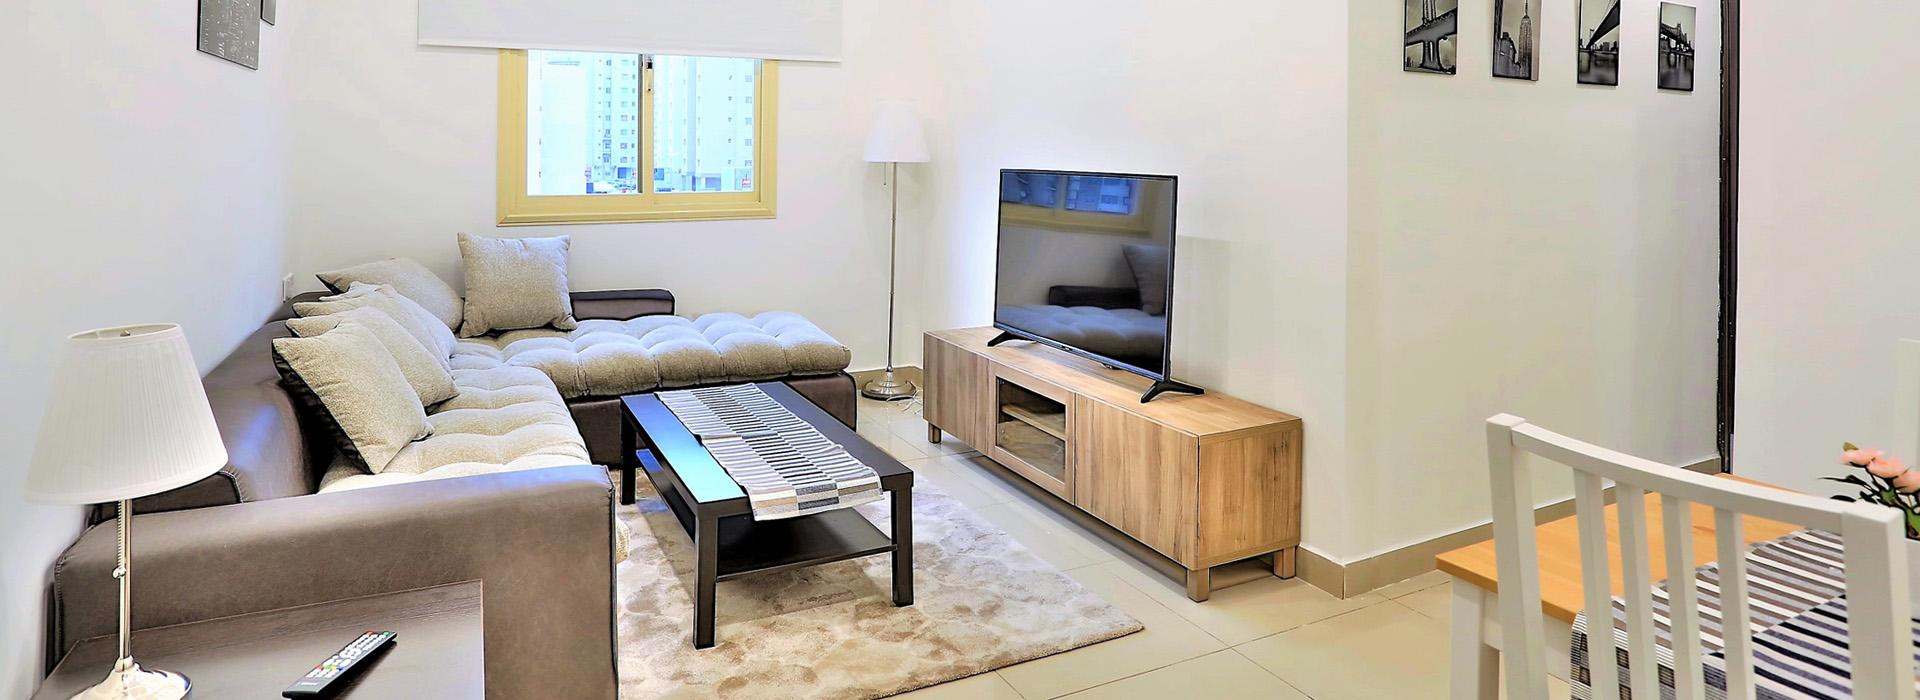 Furnished Apartment in Salmiya / Maidan Hawalli